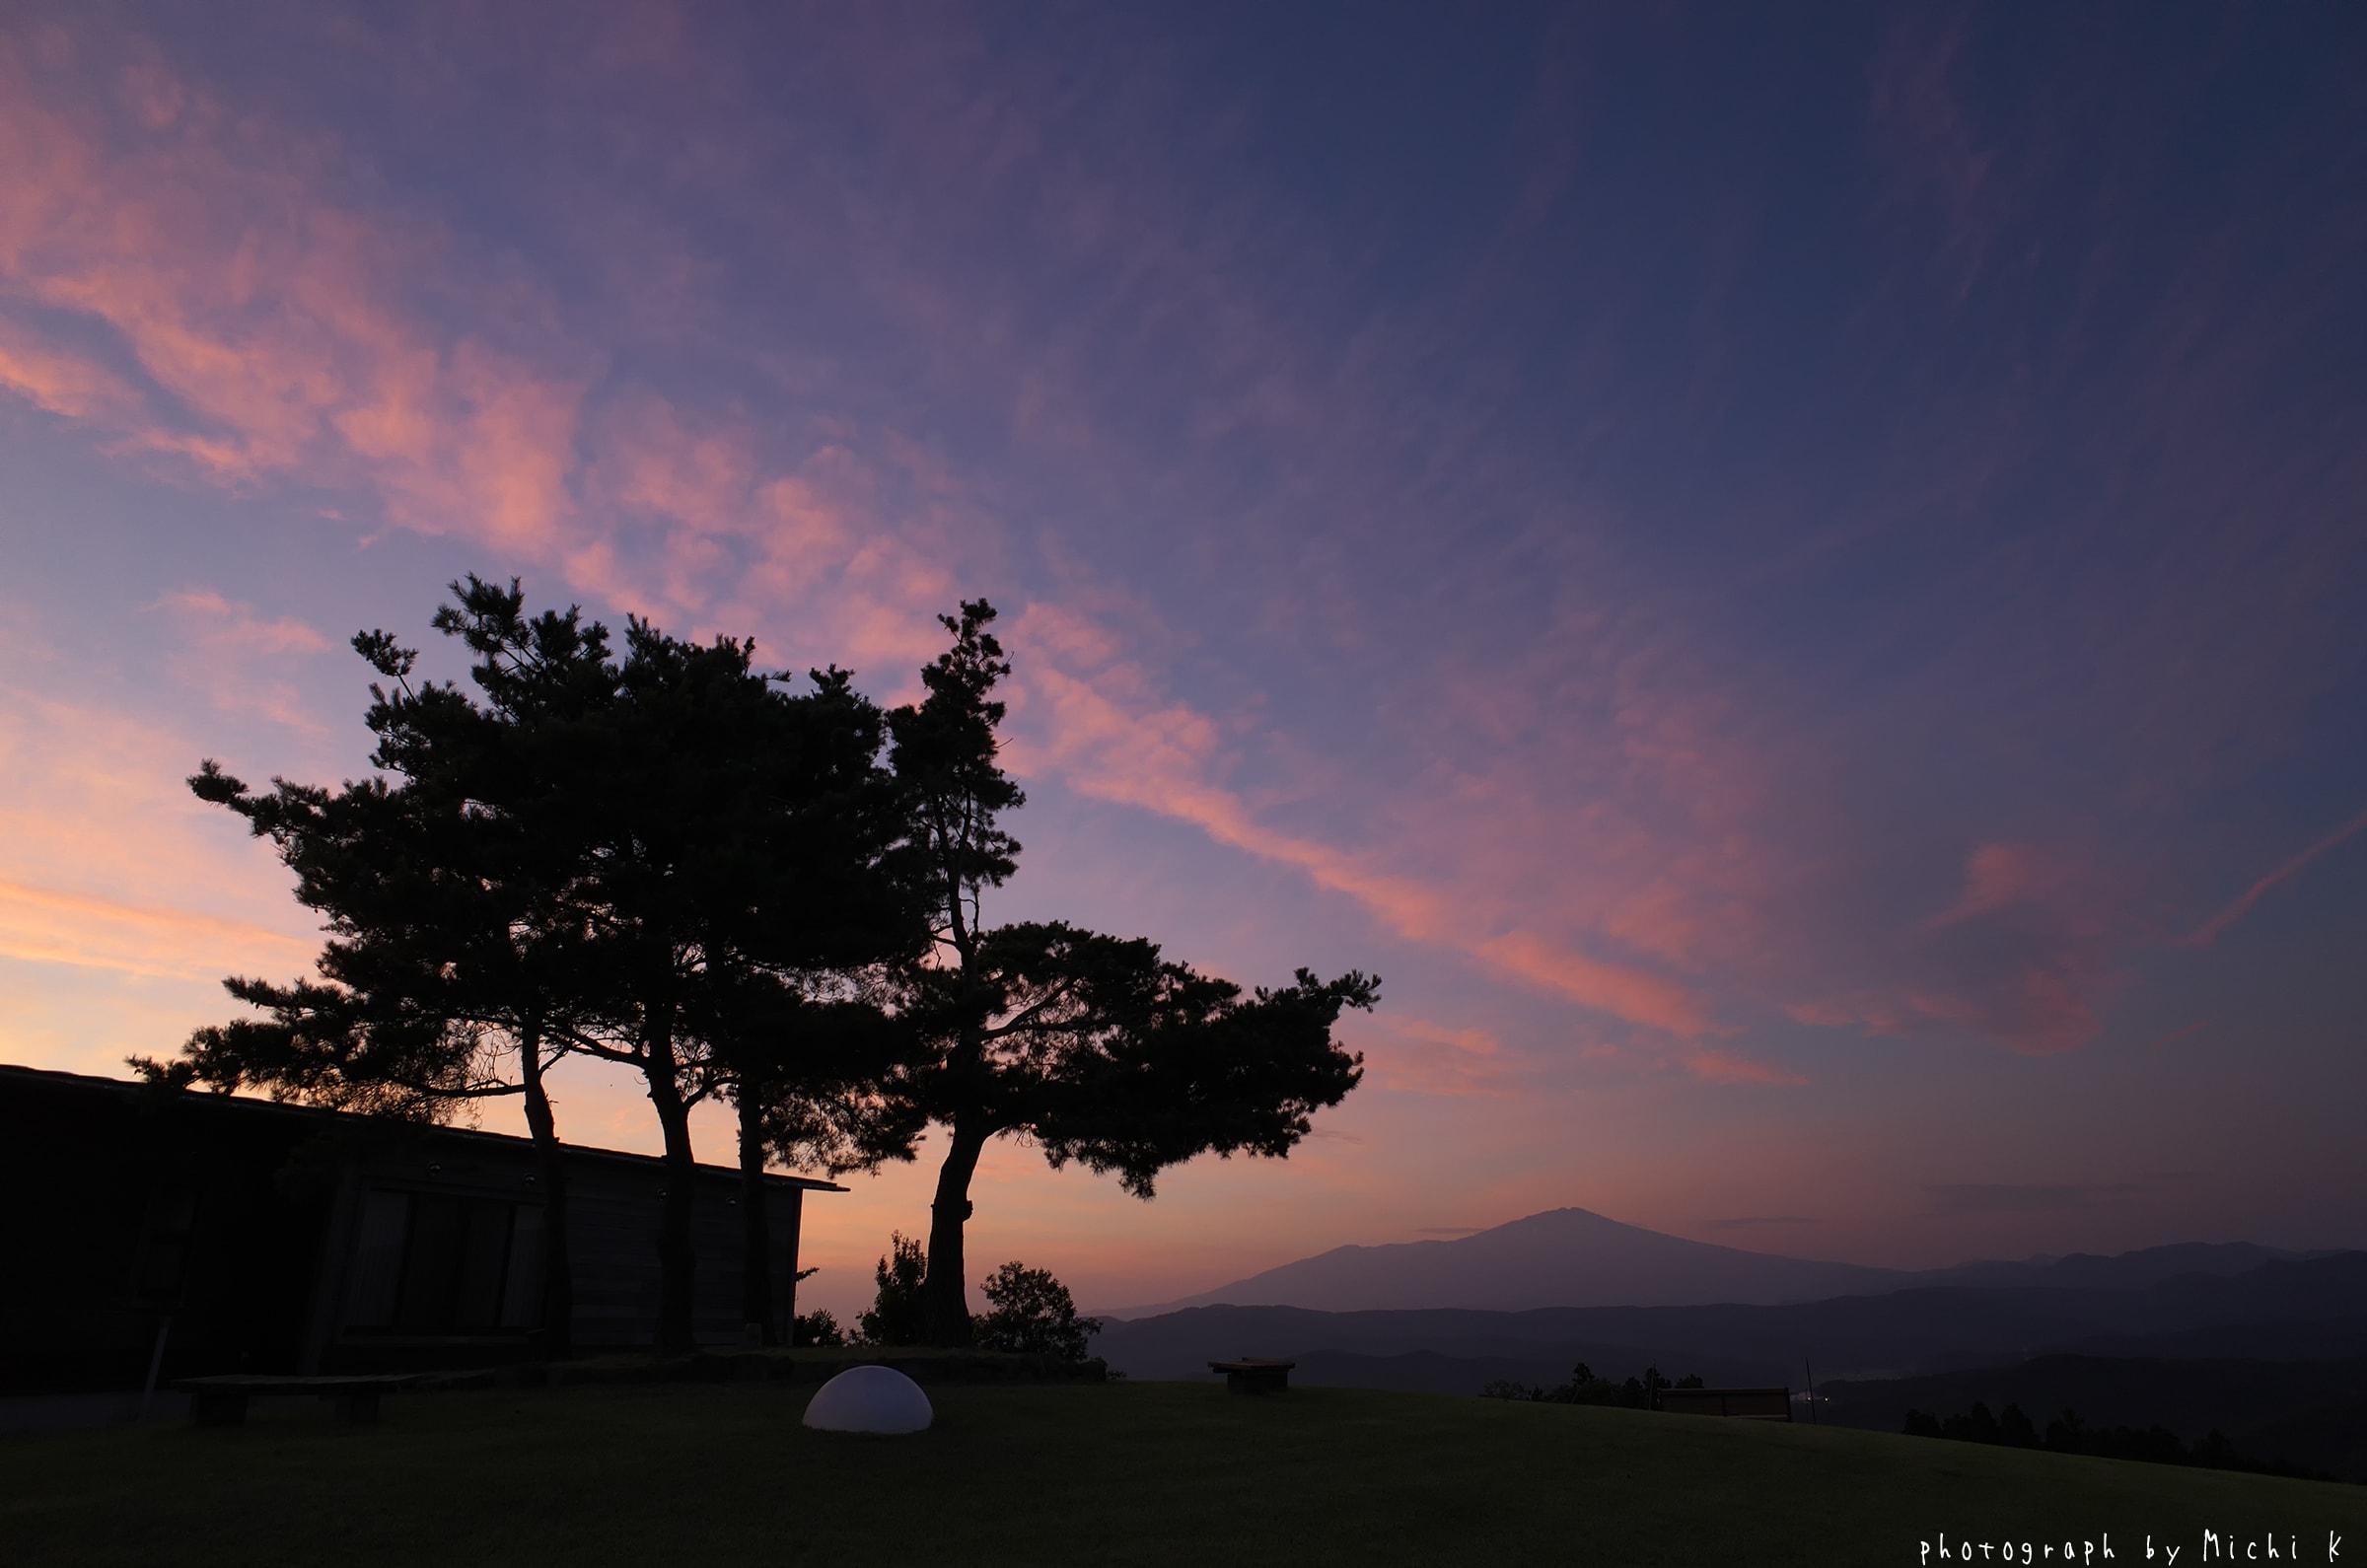 酒田市,、眺海の森天体観測館近くで見た夕焼け(写真その3)